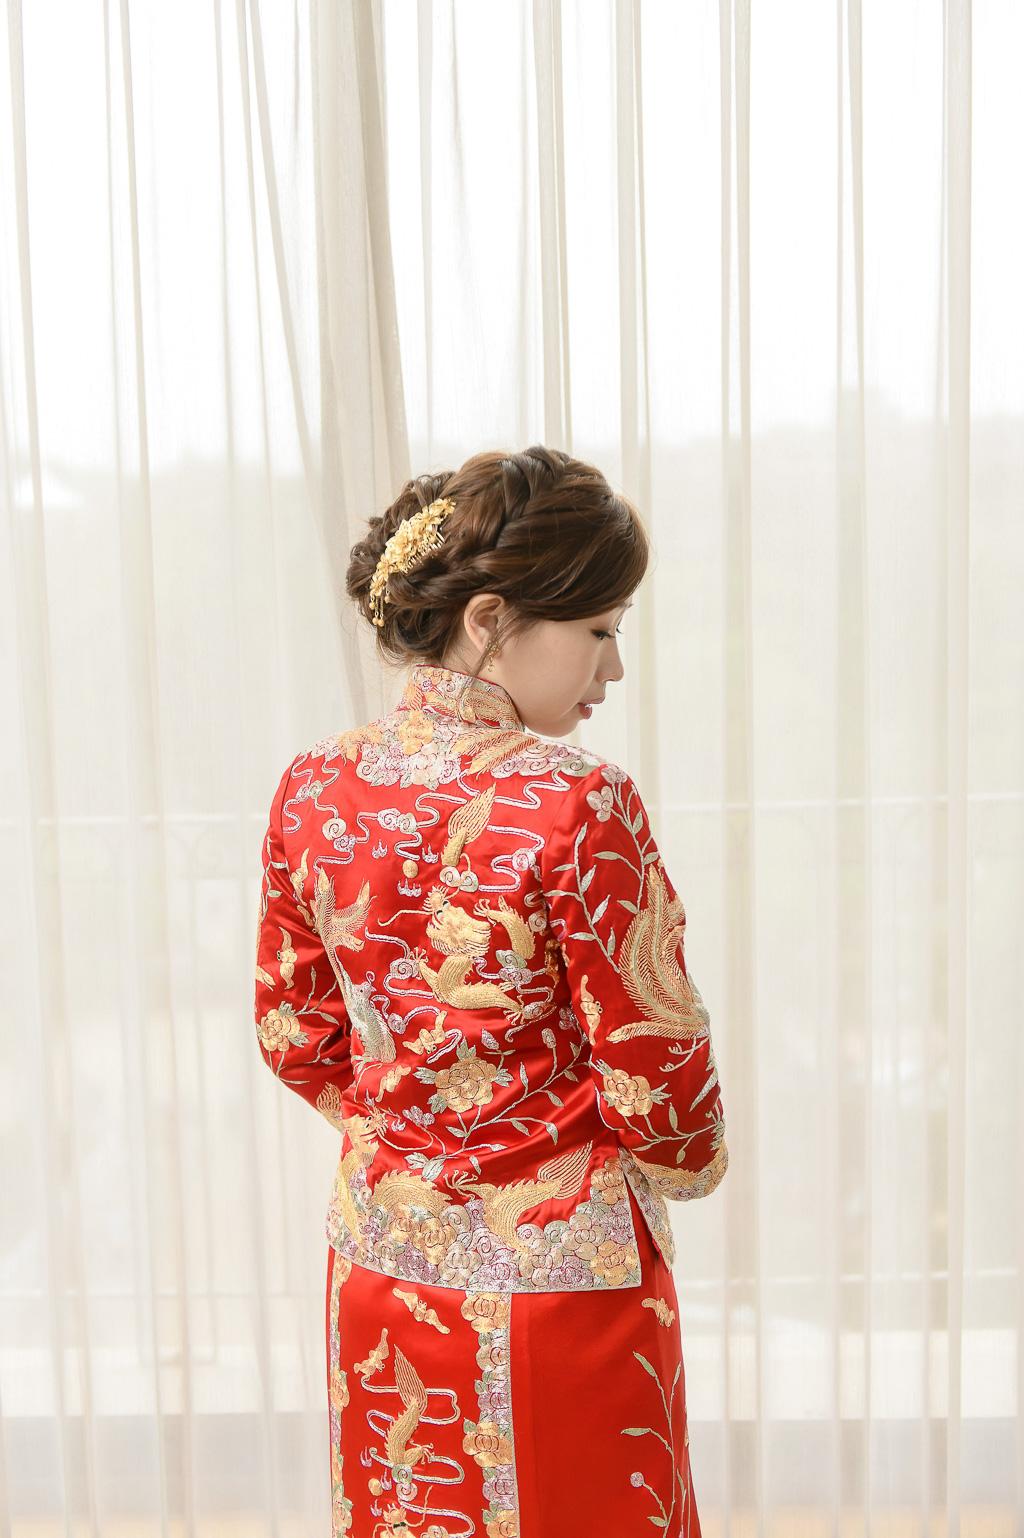 台北婚攝, 婚攝, 婚攝小勇, 推薦婚攝, 新竹煙波, 新秘vivian, 新莊典華, 煙波婚宴, 煙波婚攝-034